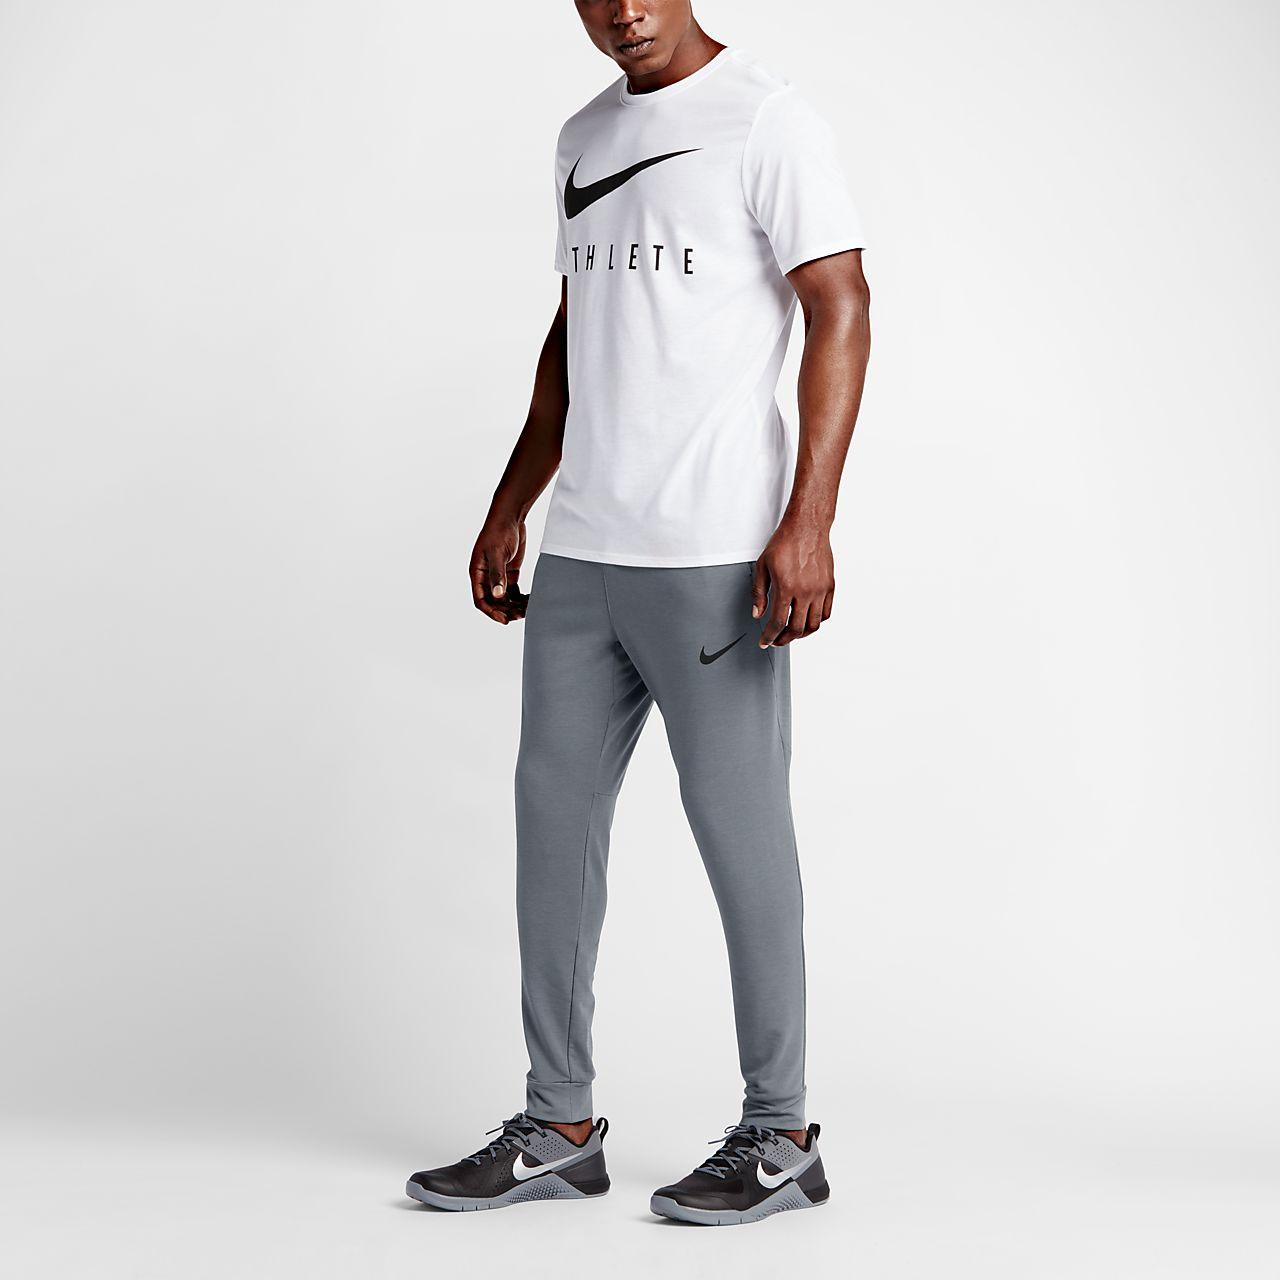 pantalon de training en tissu fleece nike dri fit pour homme ca. Black Bedroom Furniture Sets. Home Design Ideas